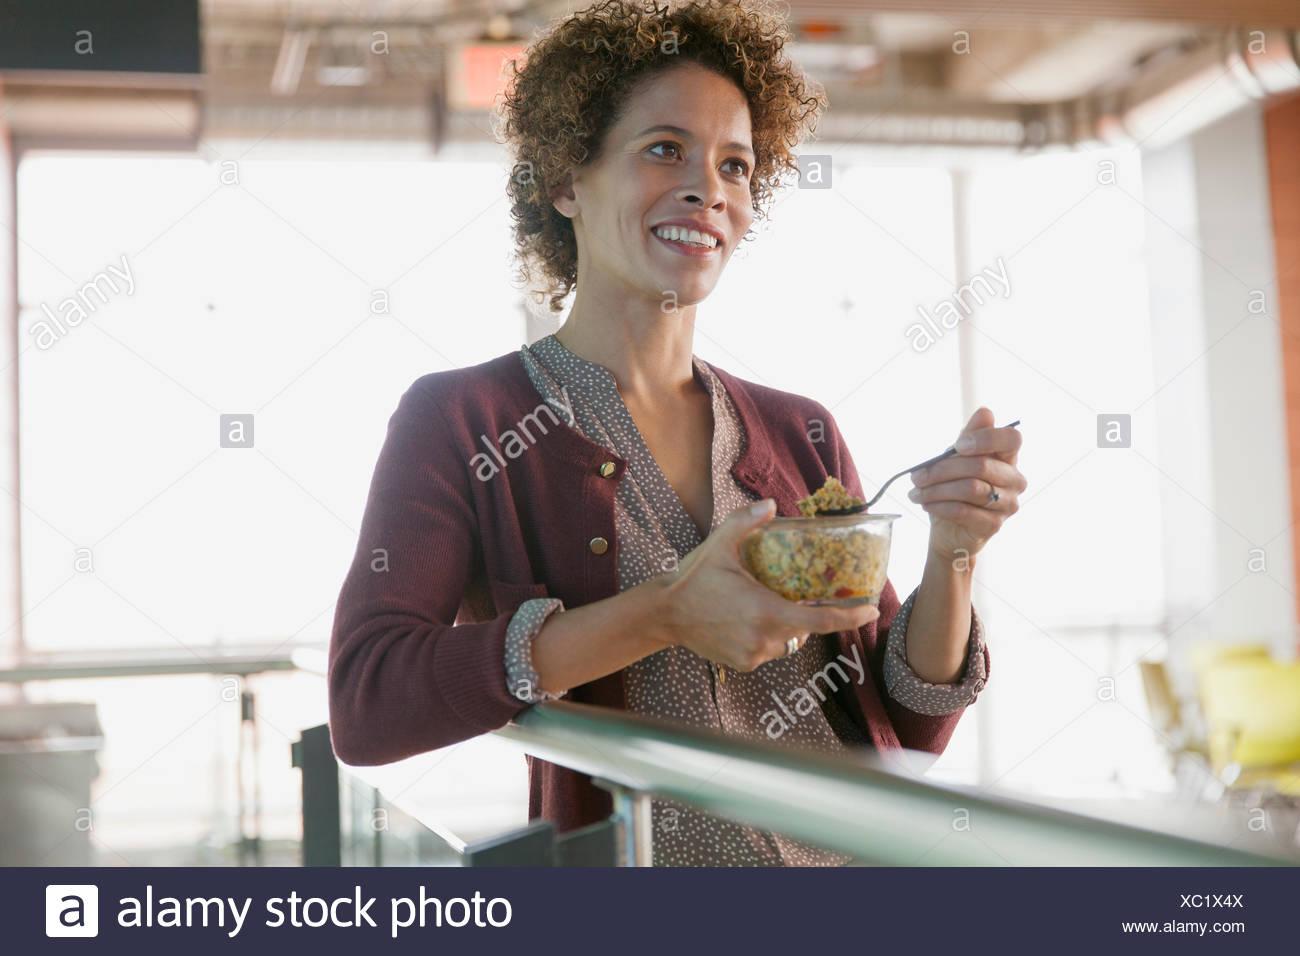 Donna snacking presso l'ufficio. Immagini Stock